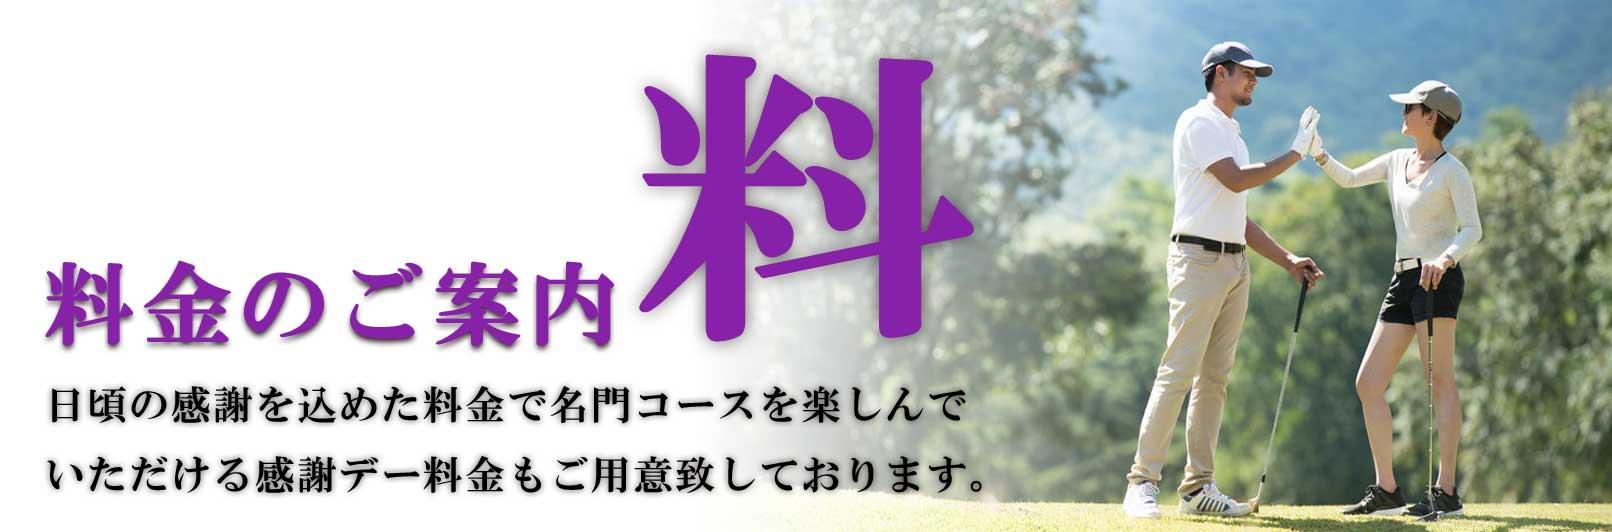 asahikawa_top_price